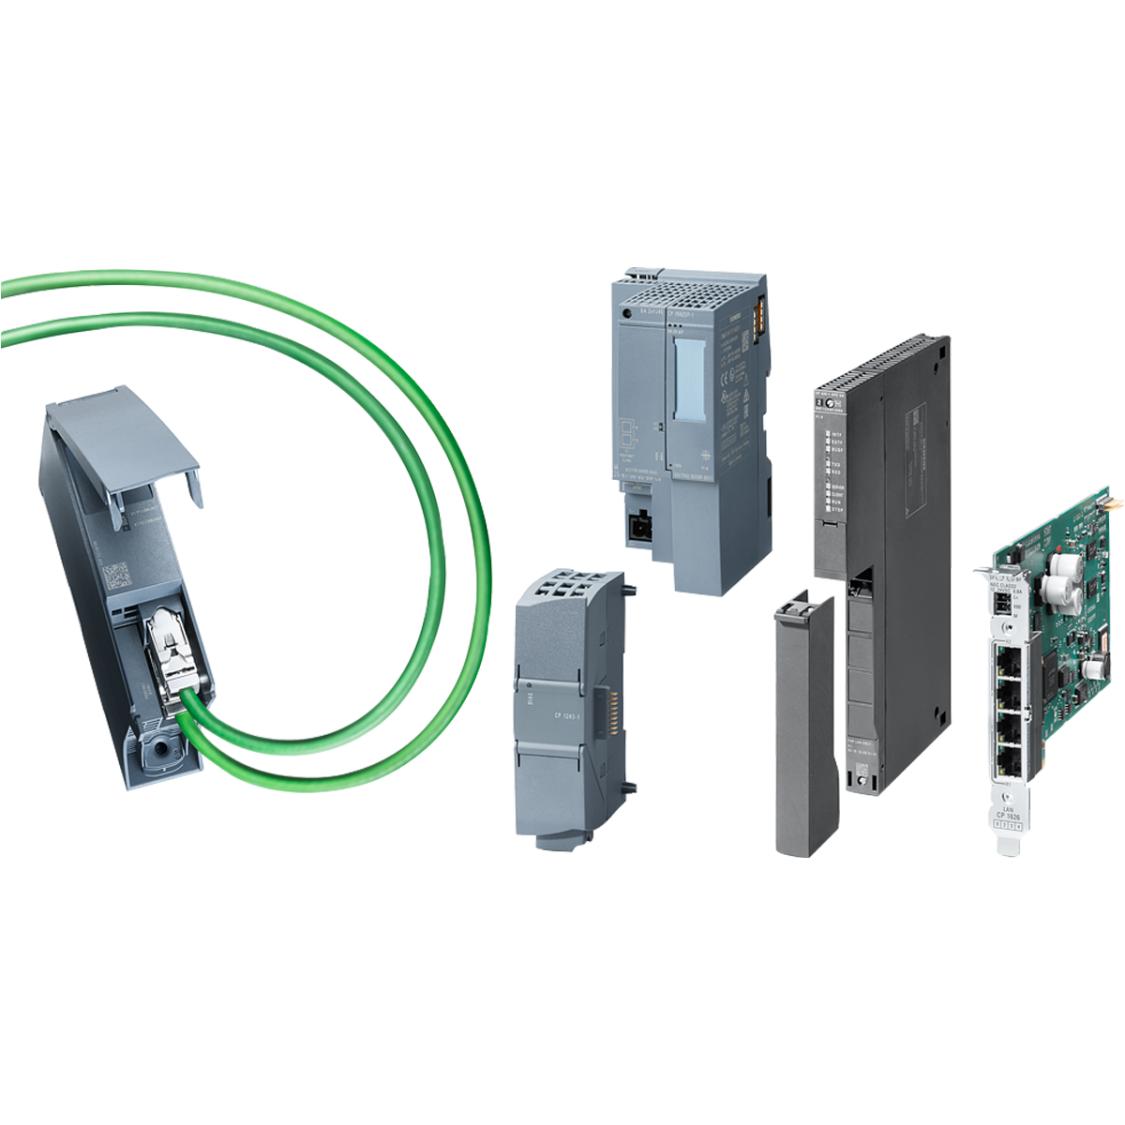 Коммуникационные процессоры и сетевые адаптеры